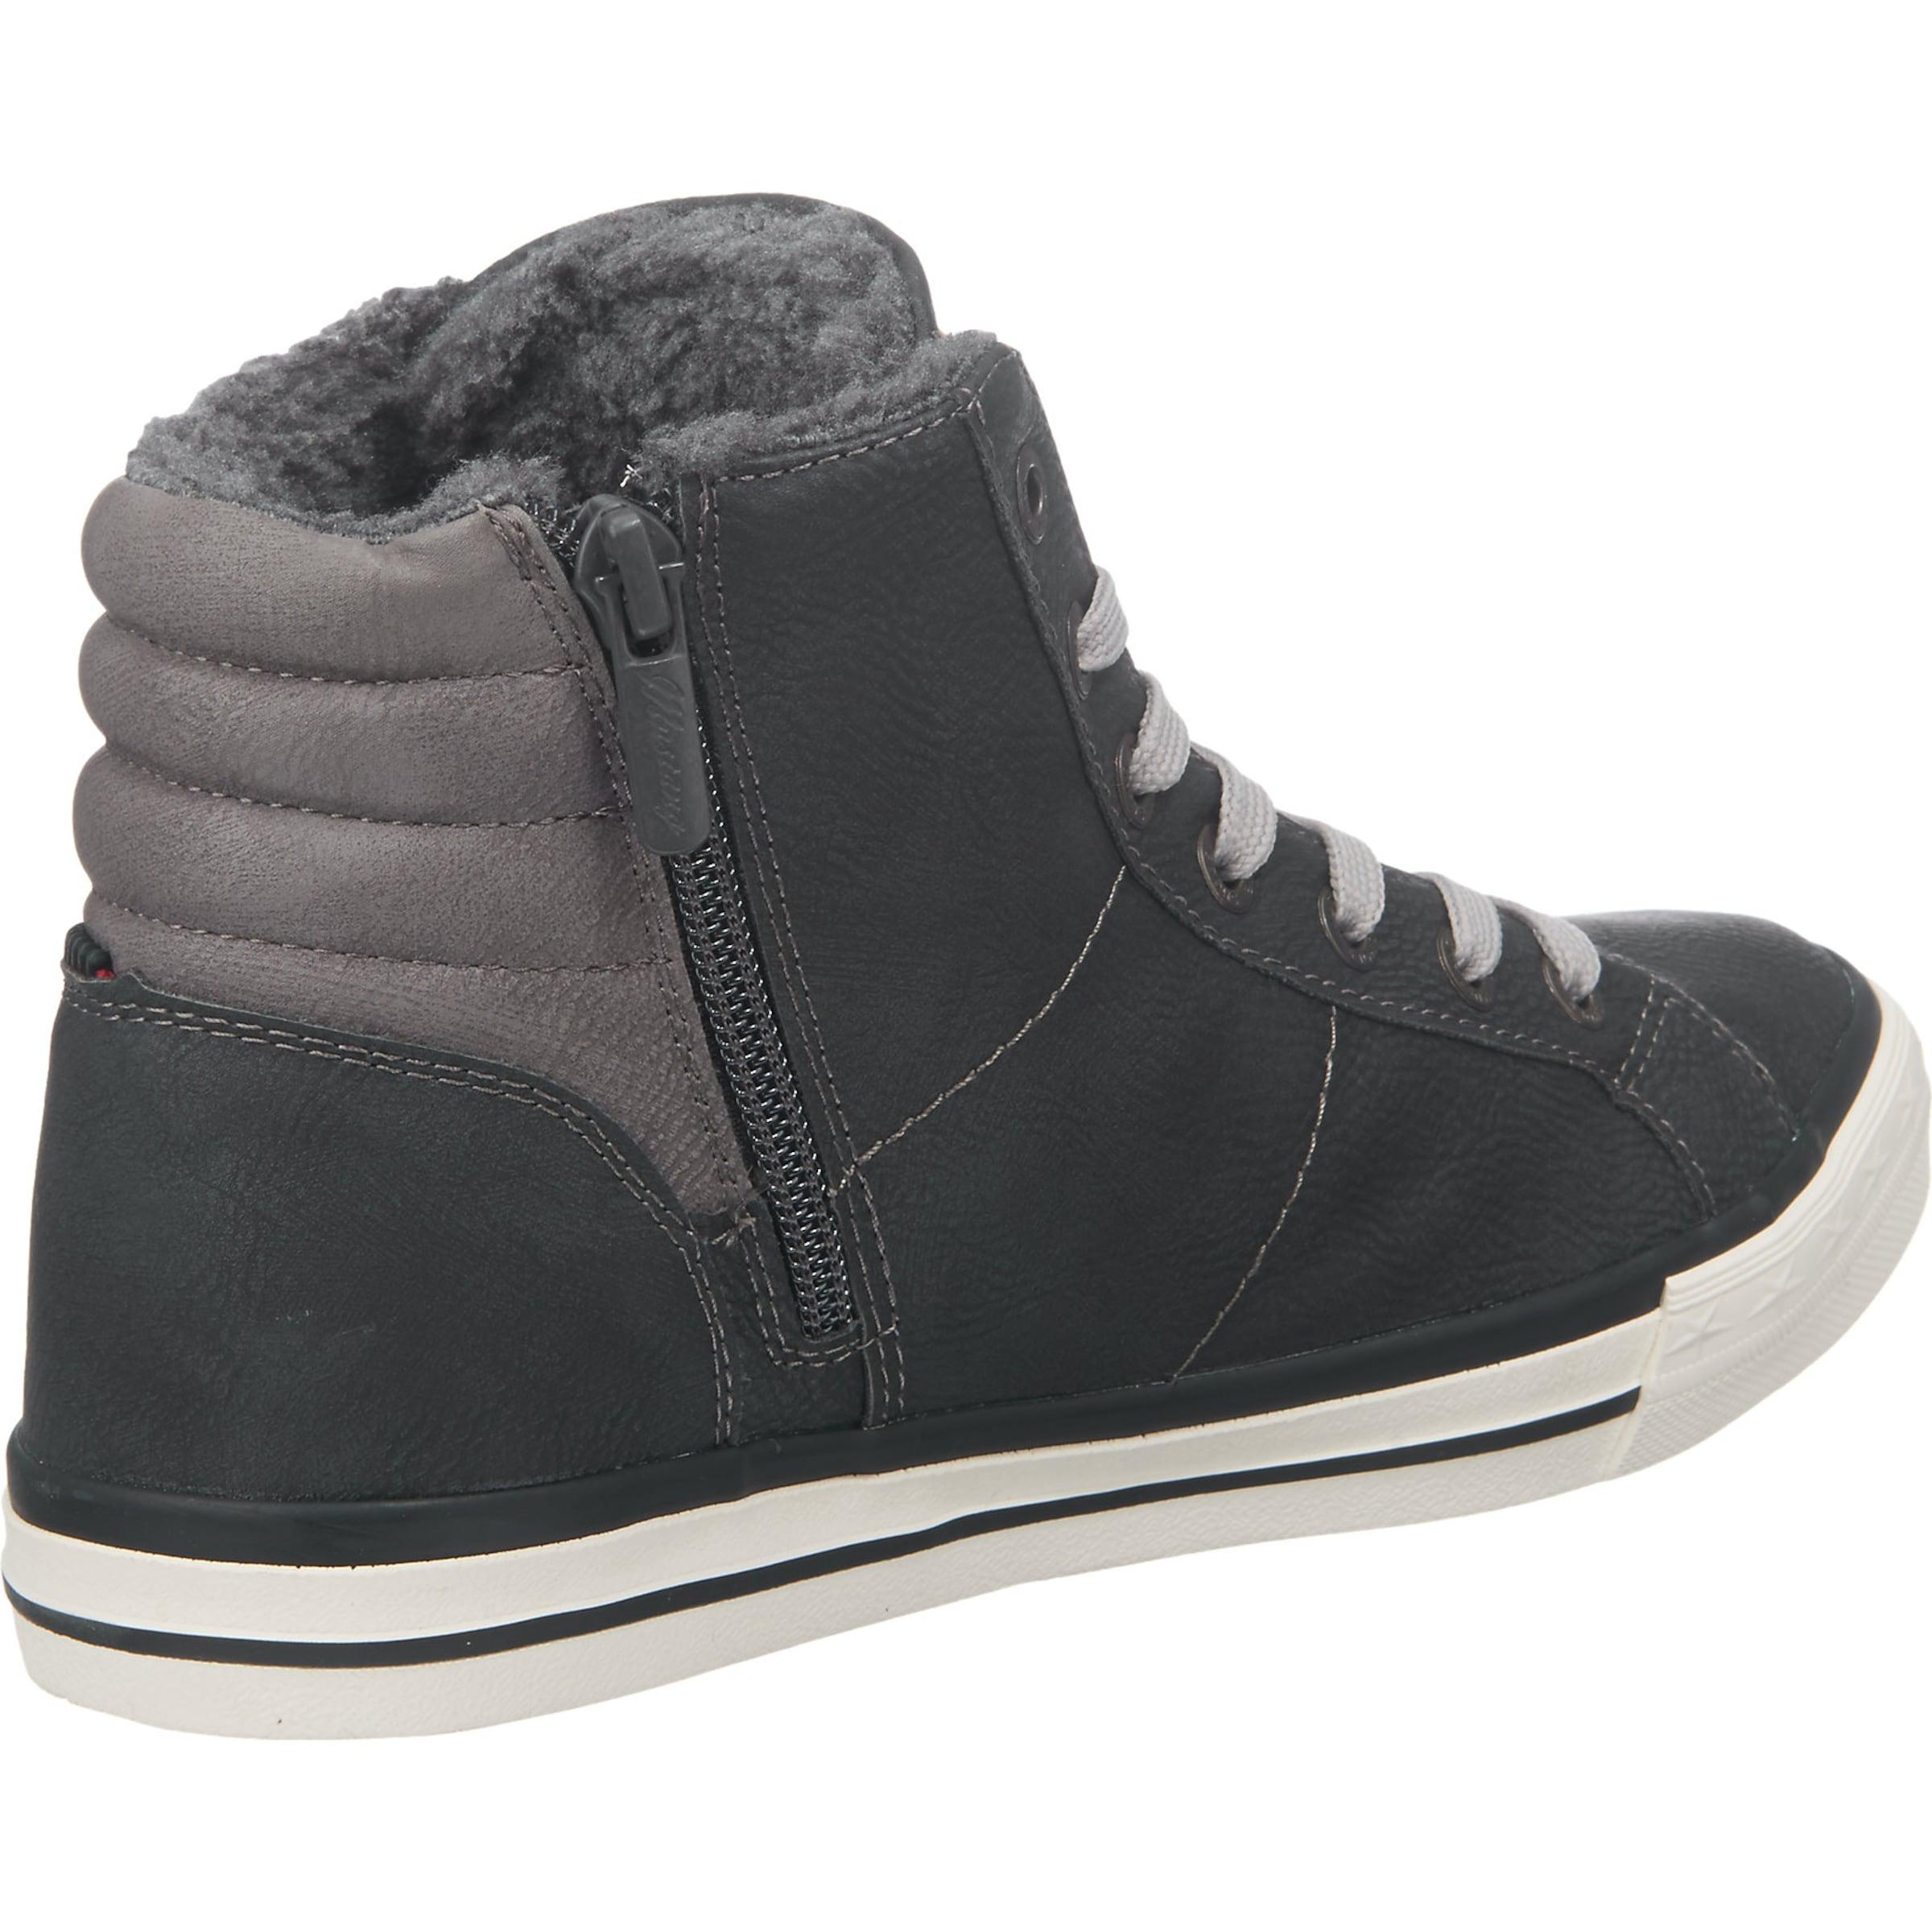 MUSTANG Sneaker in Leder-Optik Billig Verkaufen Mode h4c9p